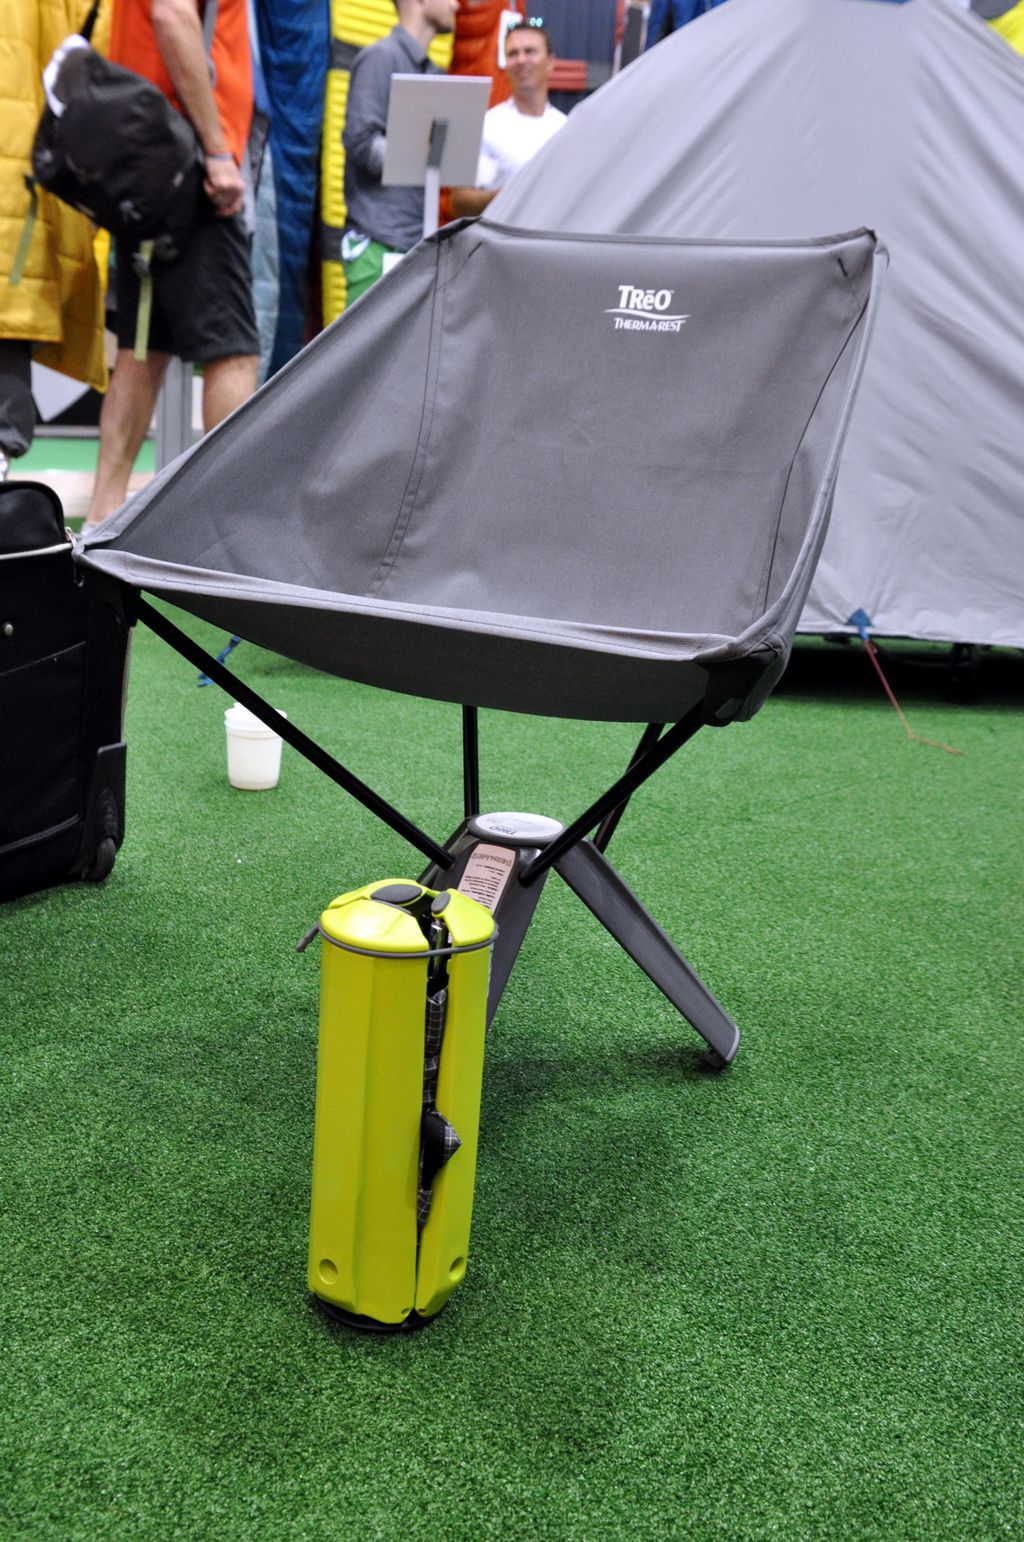 Összecsukható szék, másként – Therm-a-rest Forrás: Paraferee - Mozgásvilág.hu